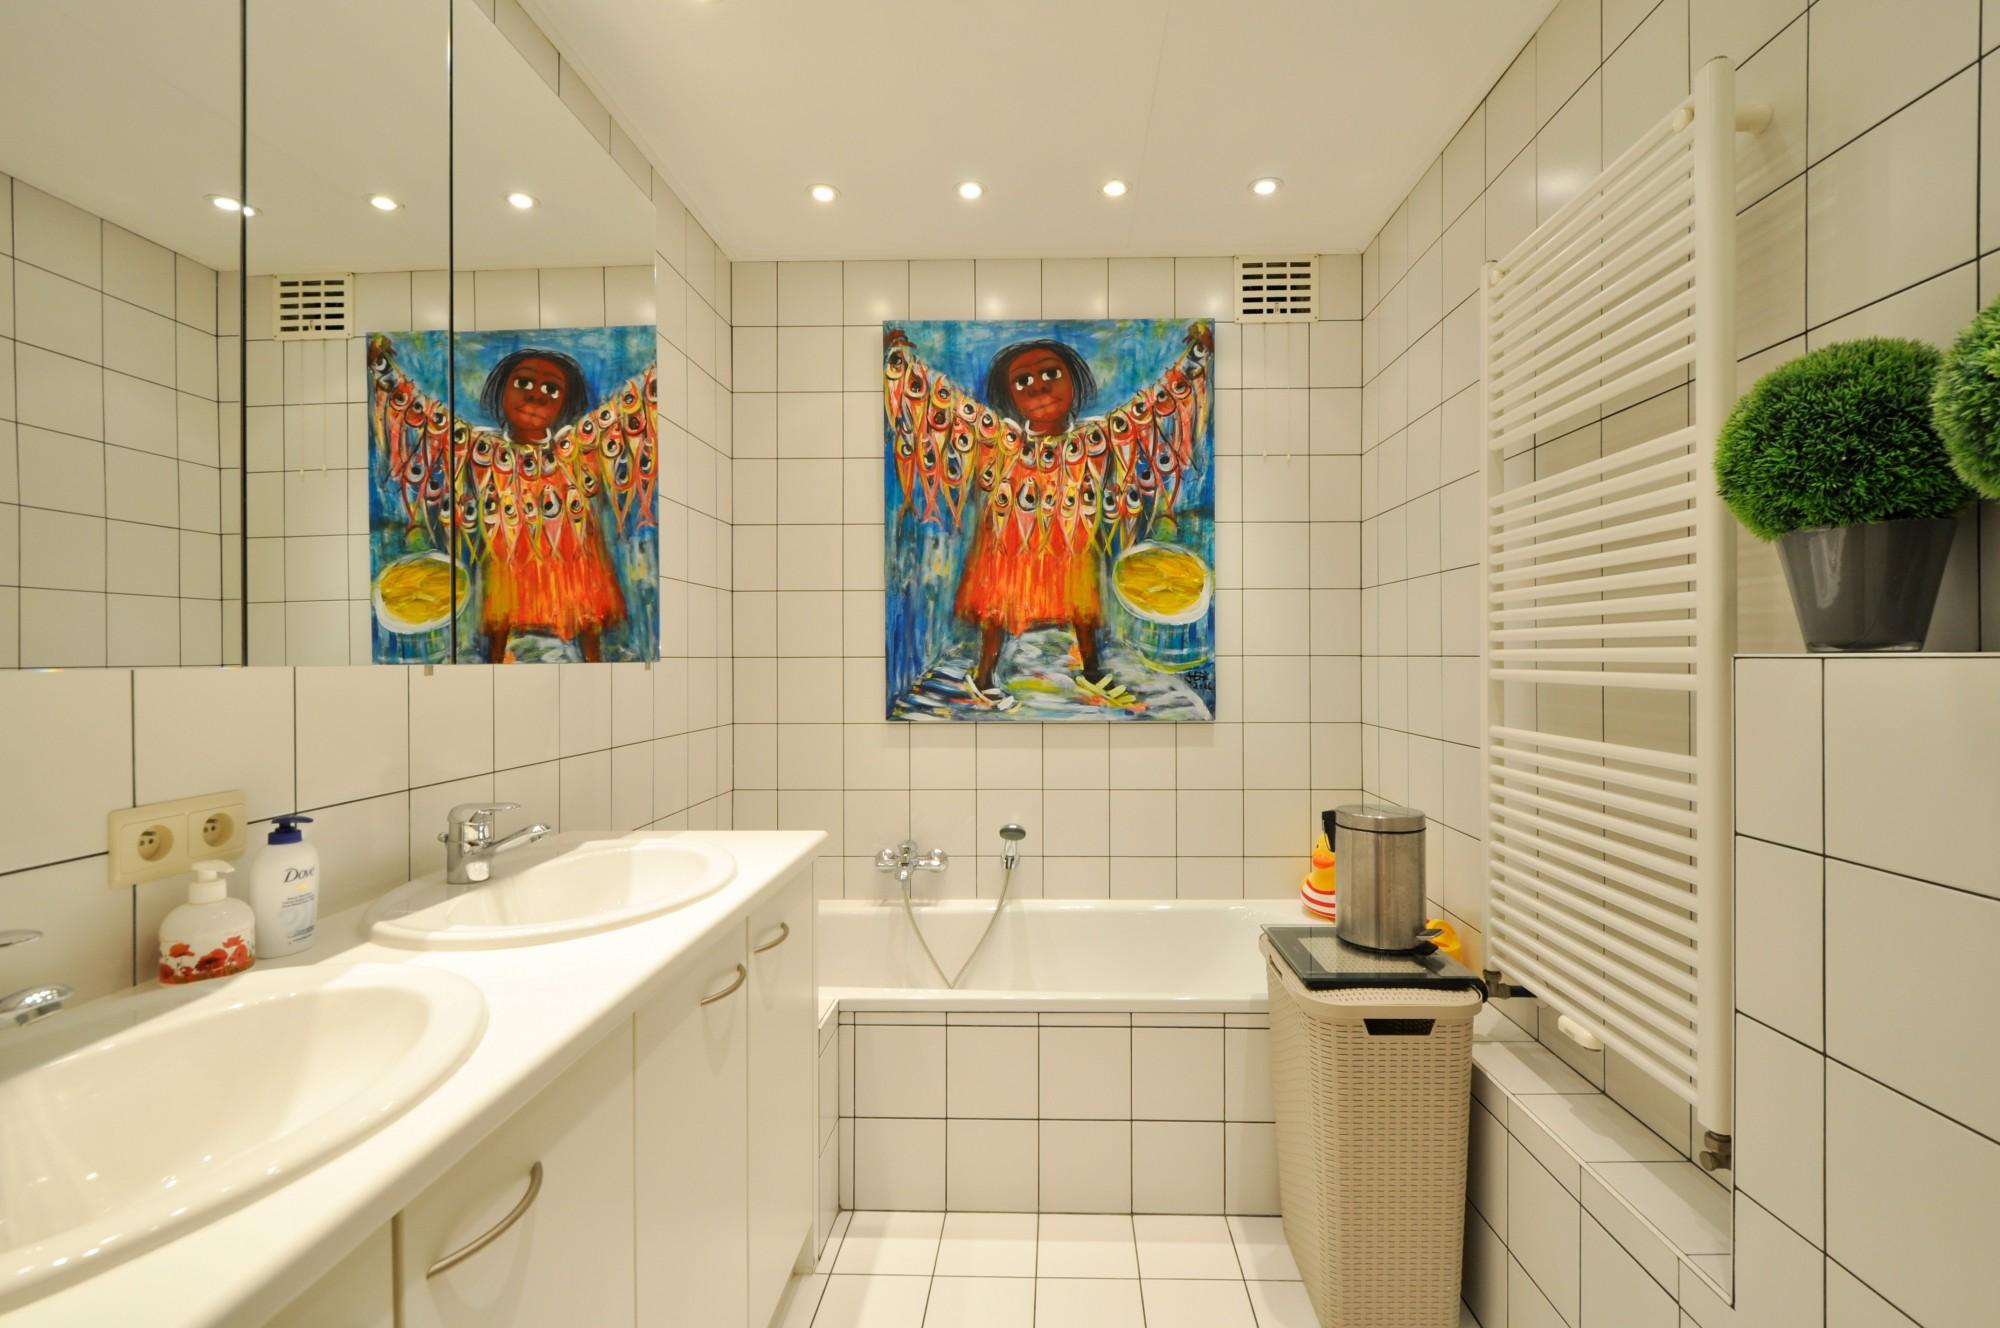 Location Appartement 2 CH Knokke-Zoute - Kustlaan / près de la Place Albert